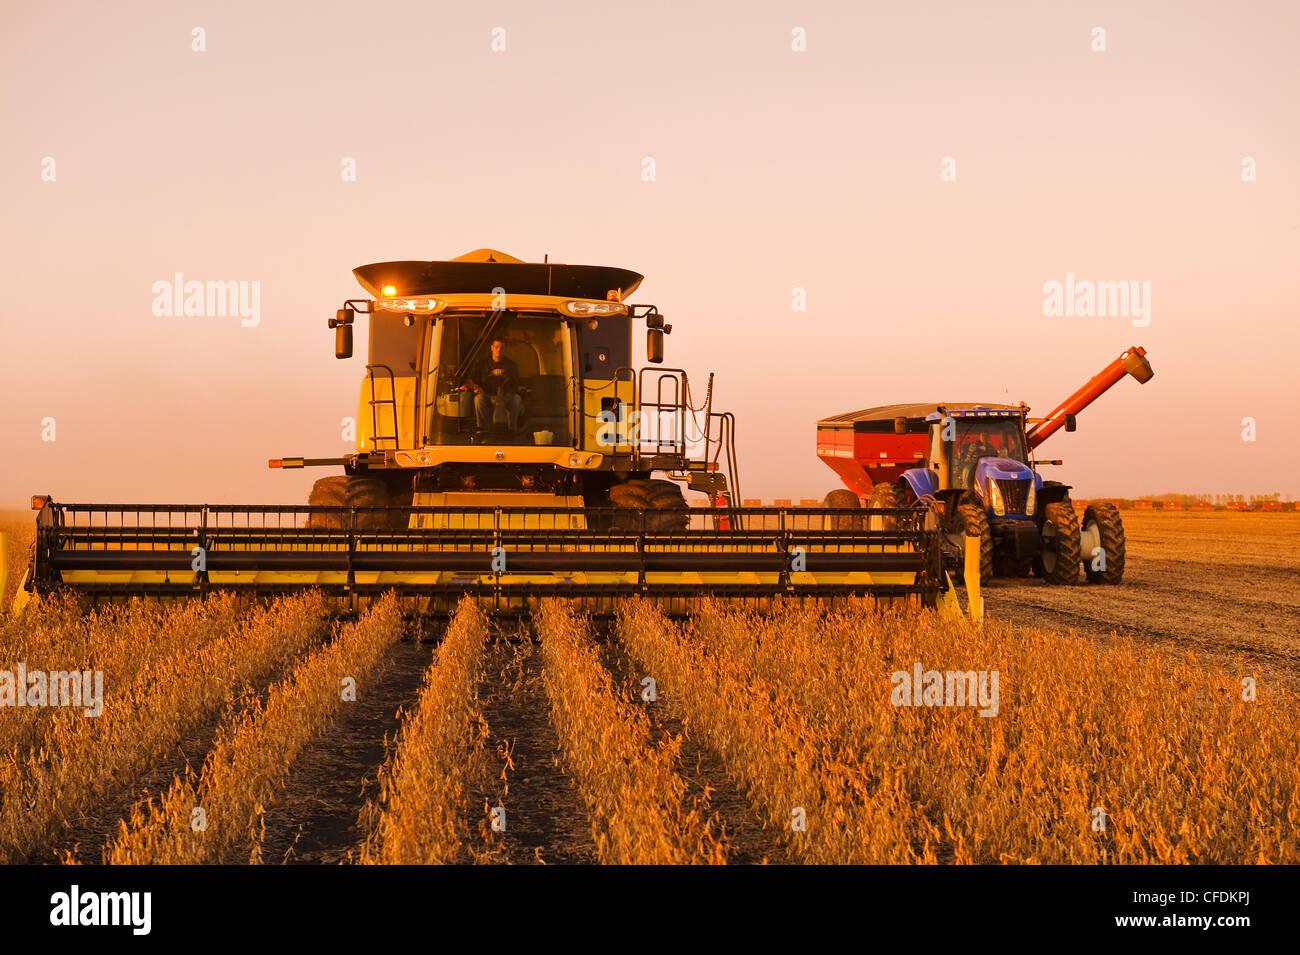 Une moissonneuse-batteuse et wagon de grain au cours de la récolte de soja, près de Lorette, Manitoba, Photo Stock